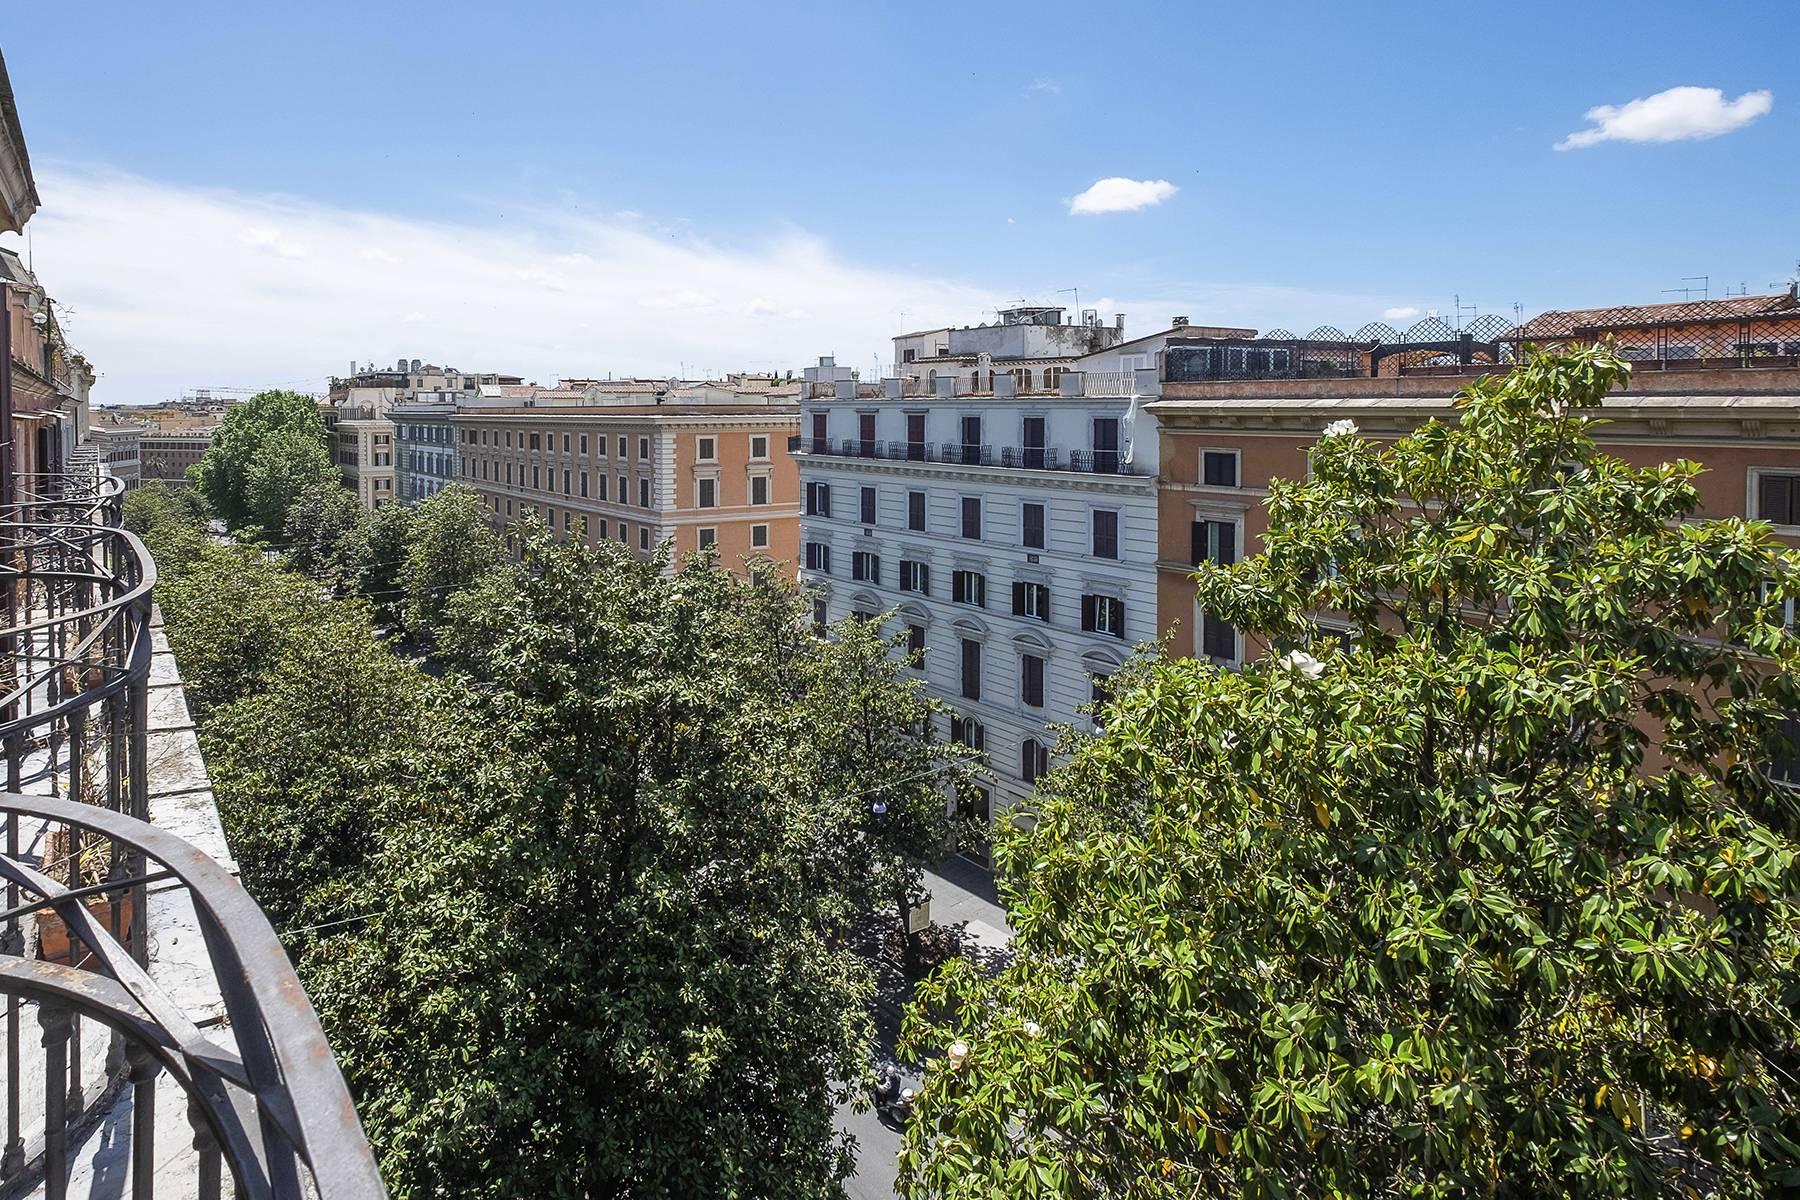 Attico in Vendita a Roma: 5 locali, 268 mq - Foto 21